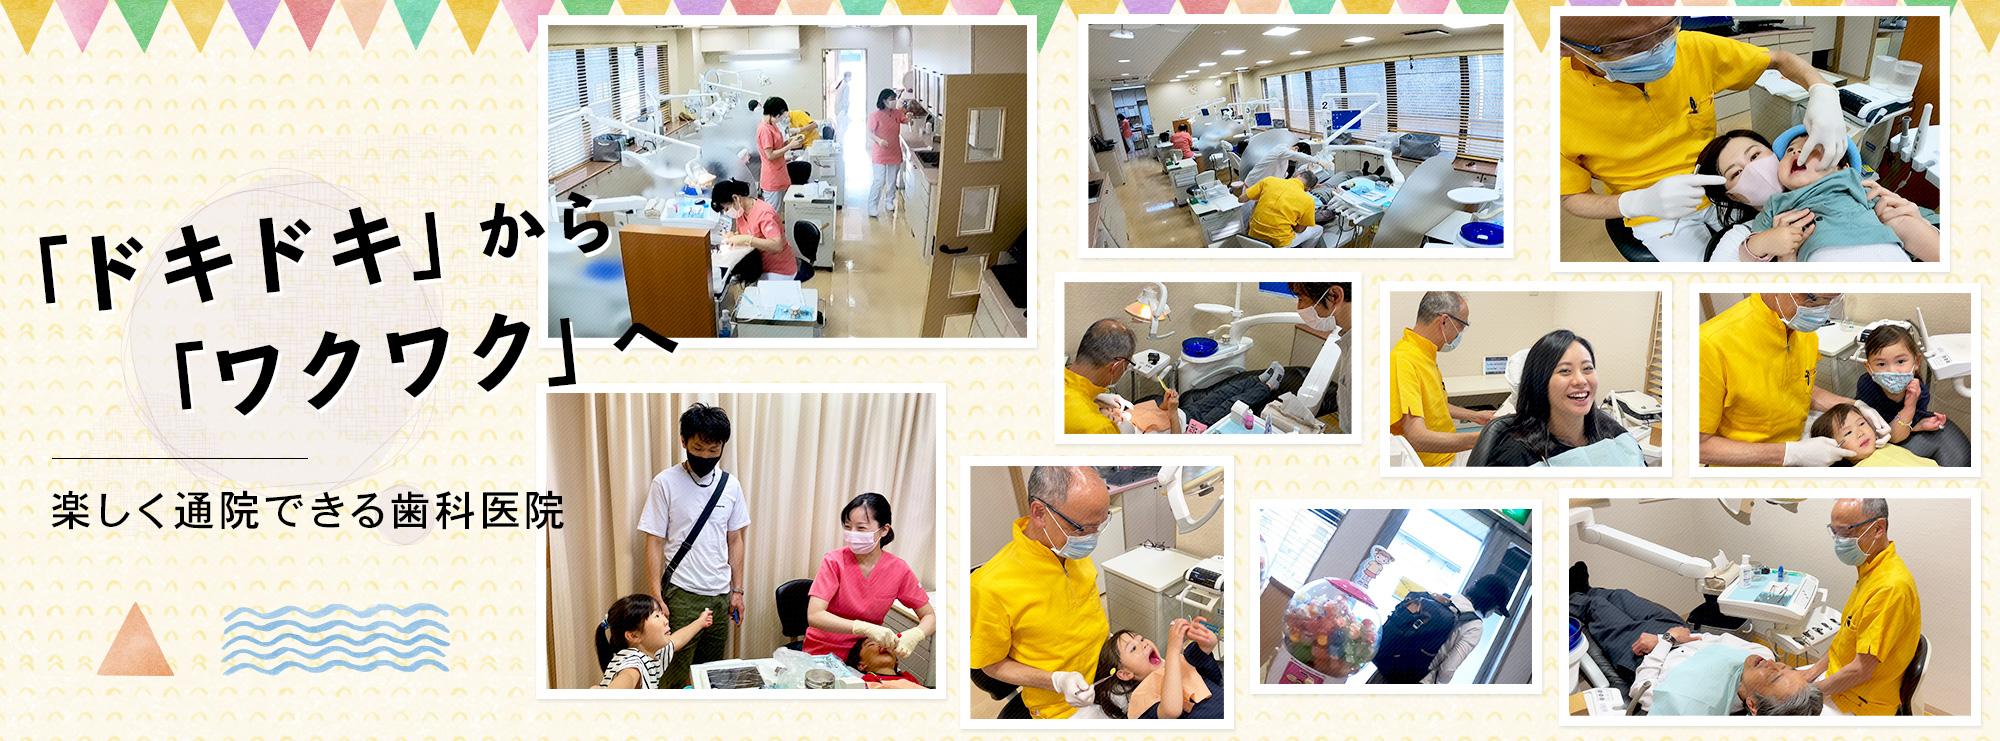 「ドキドキ」から「ワクワク」へ -楽しく通院できる歯科医院-